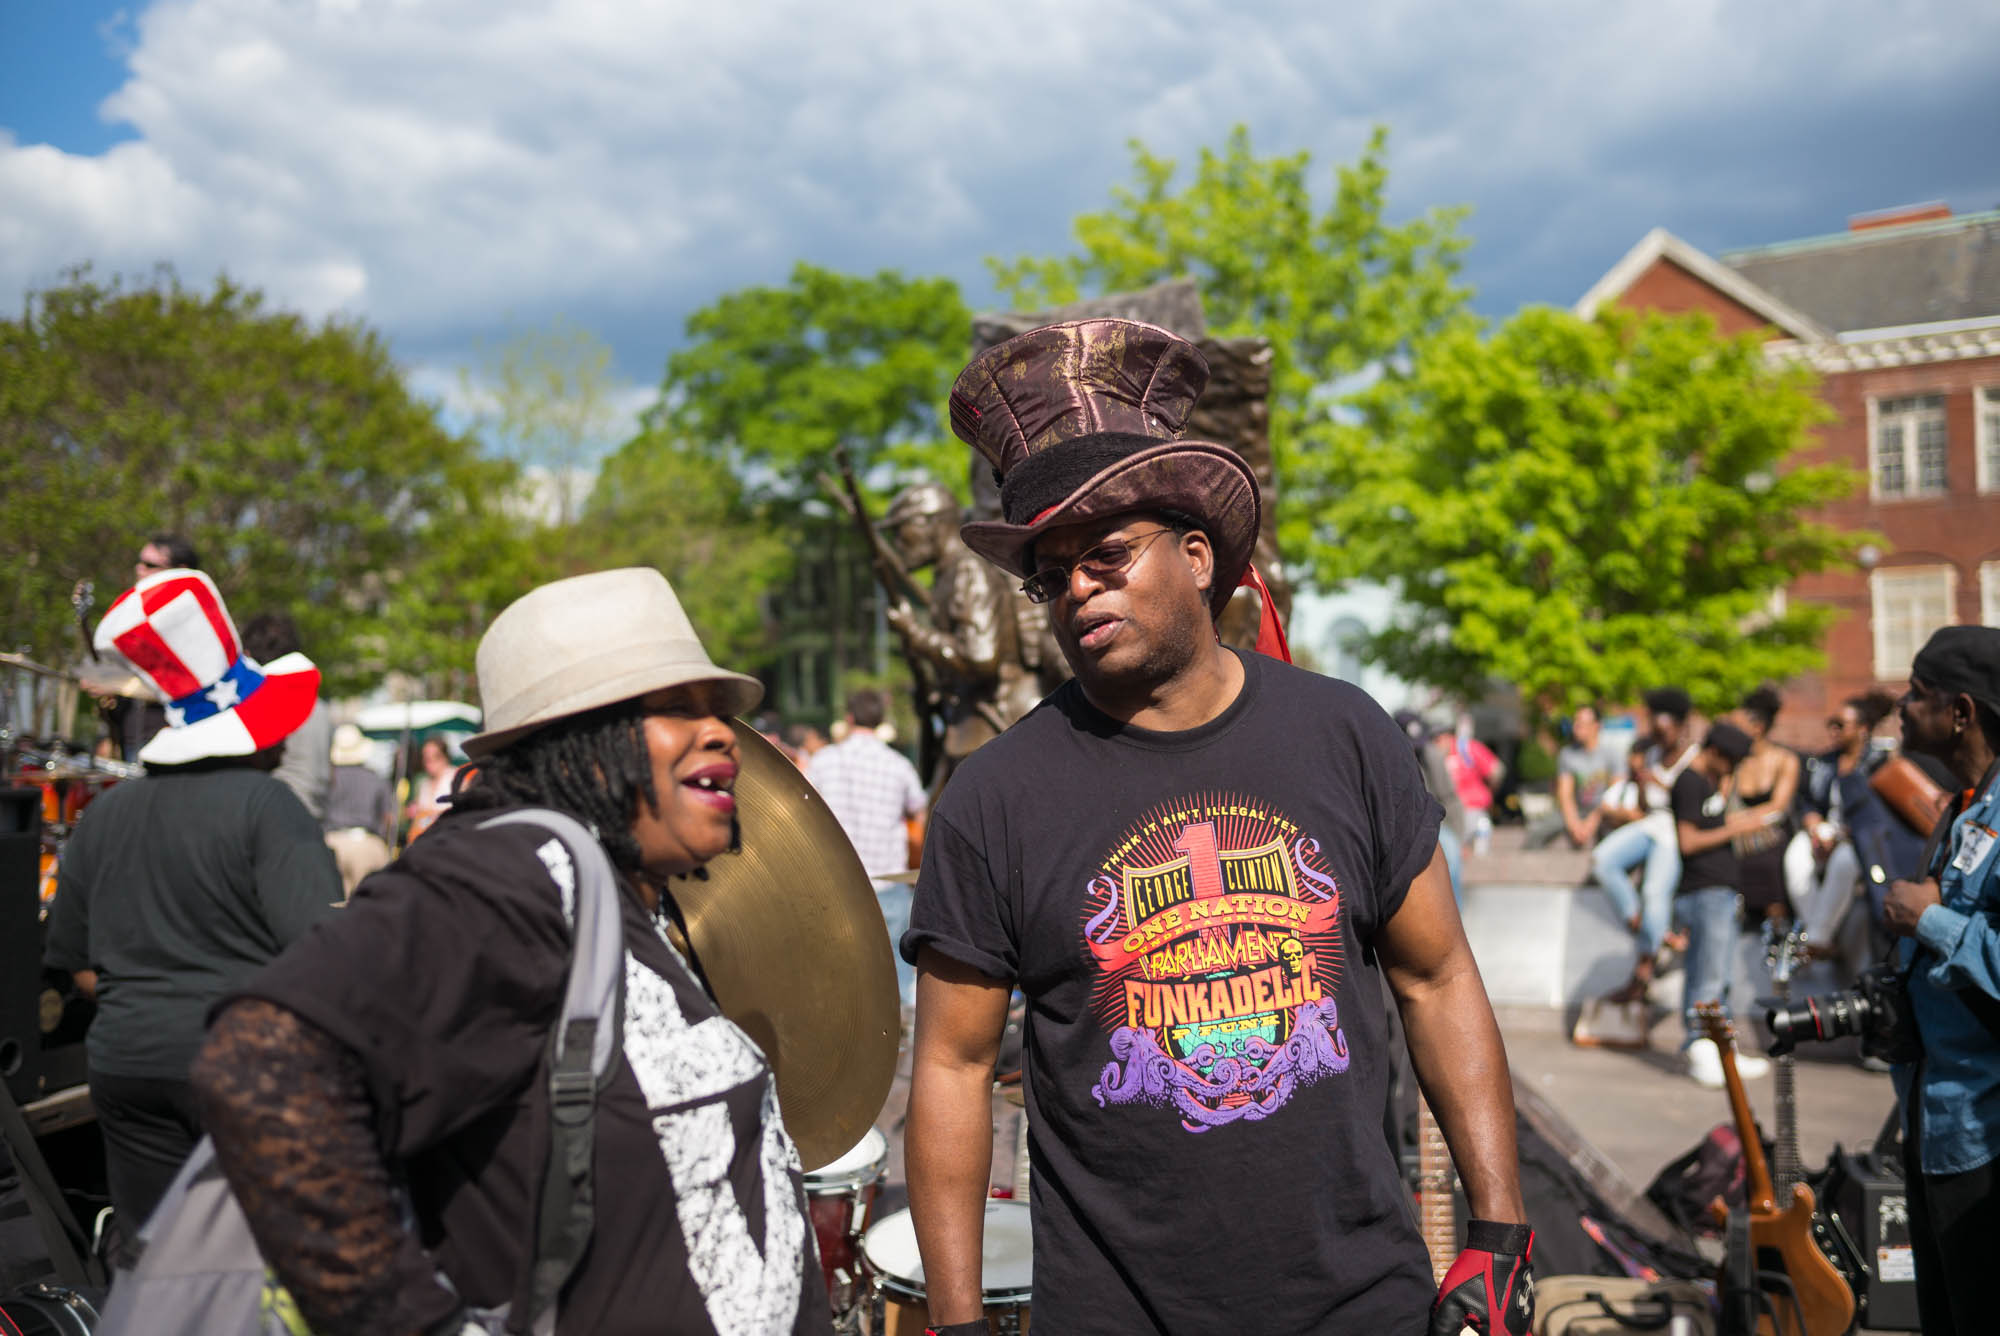 Funk Parade 7-8